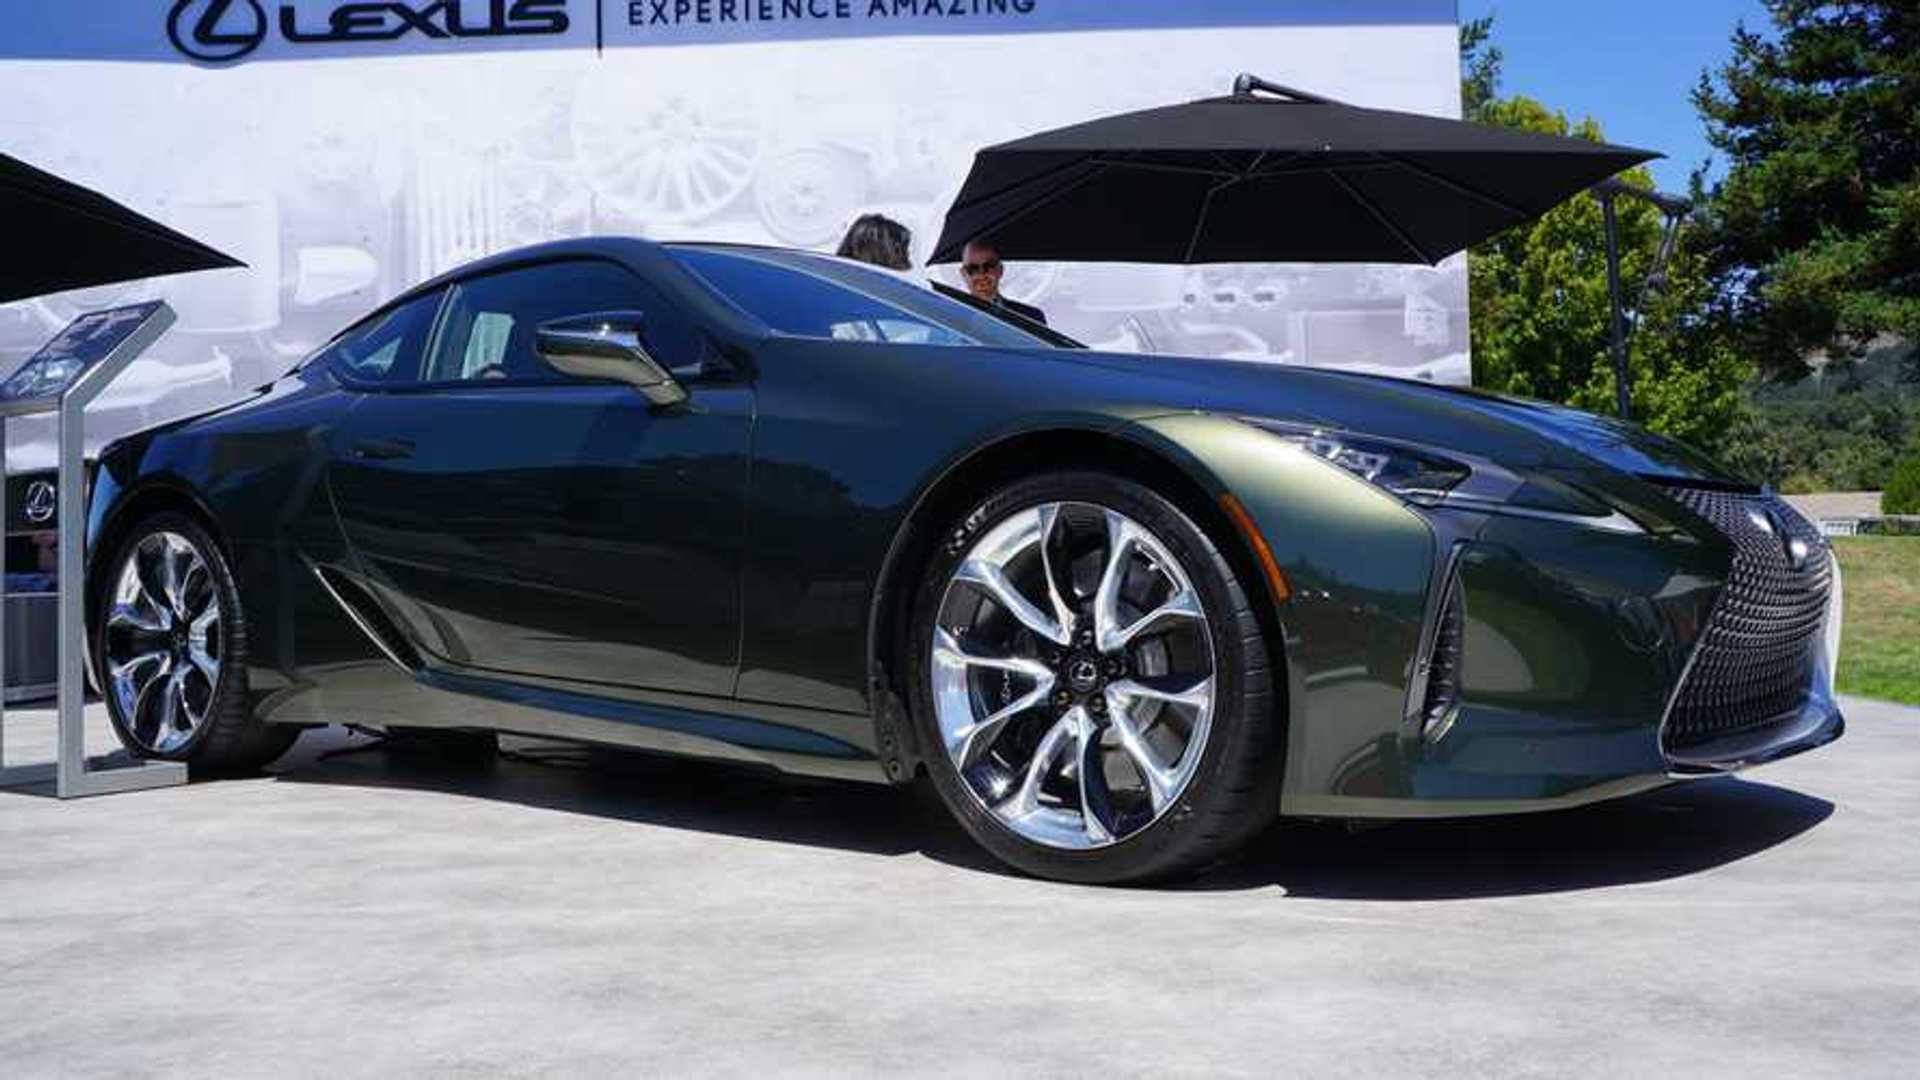 Ls 500 Coupe 2020 Lexus Coupe